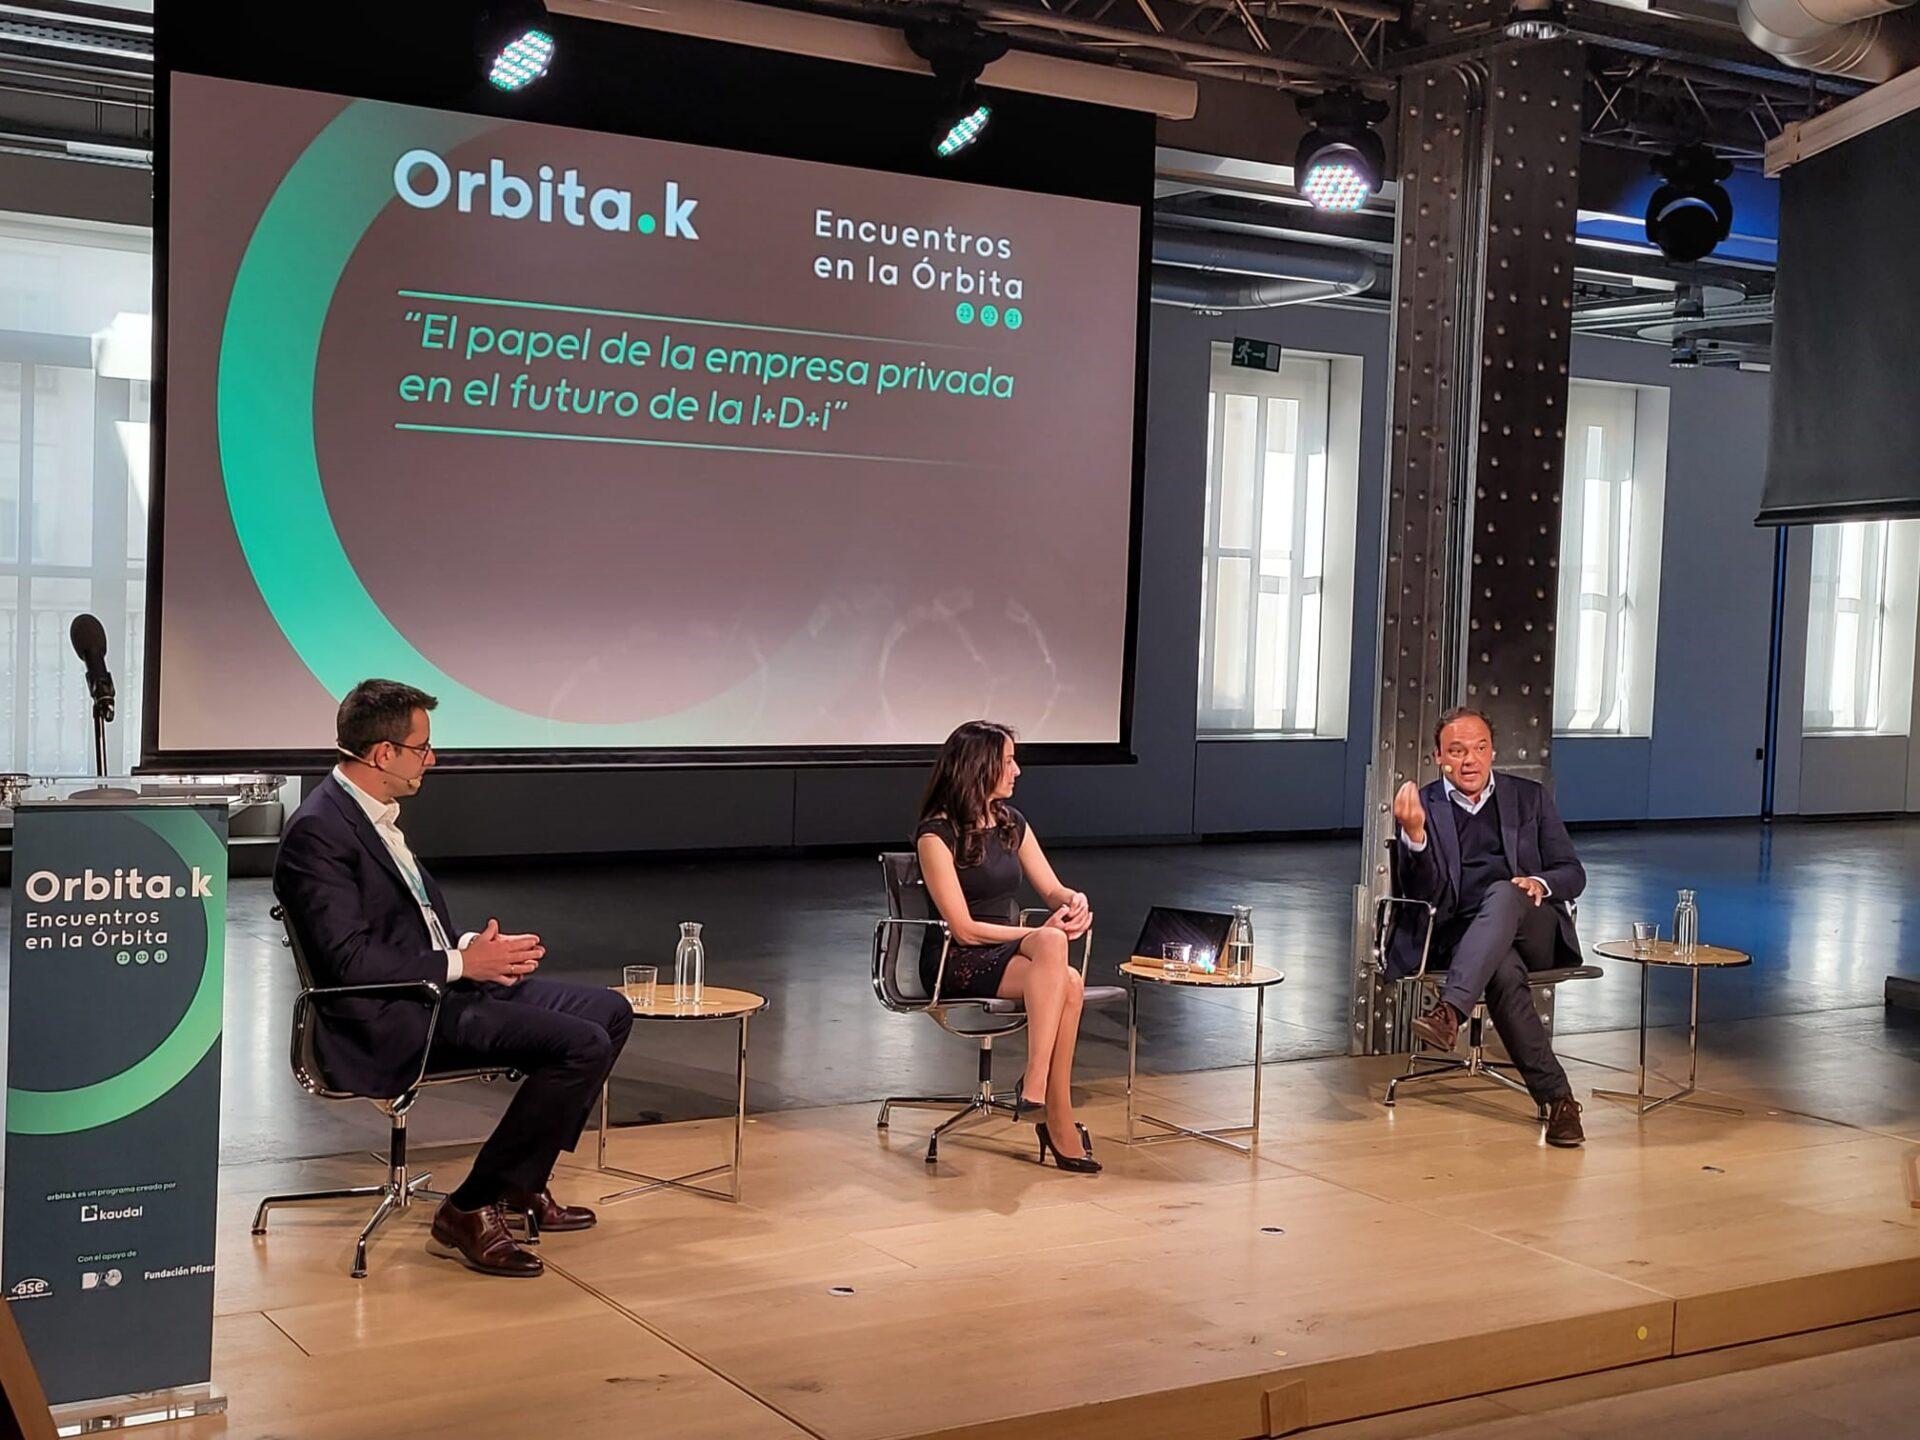 orbita-k-launching-event-speakers